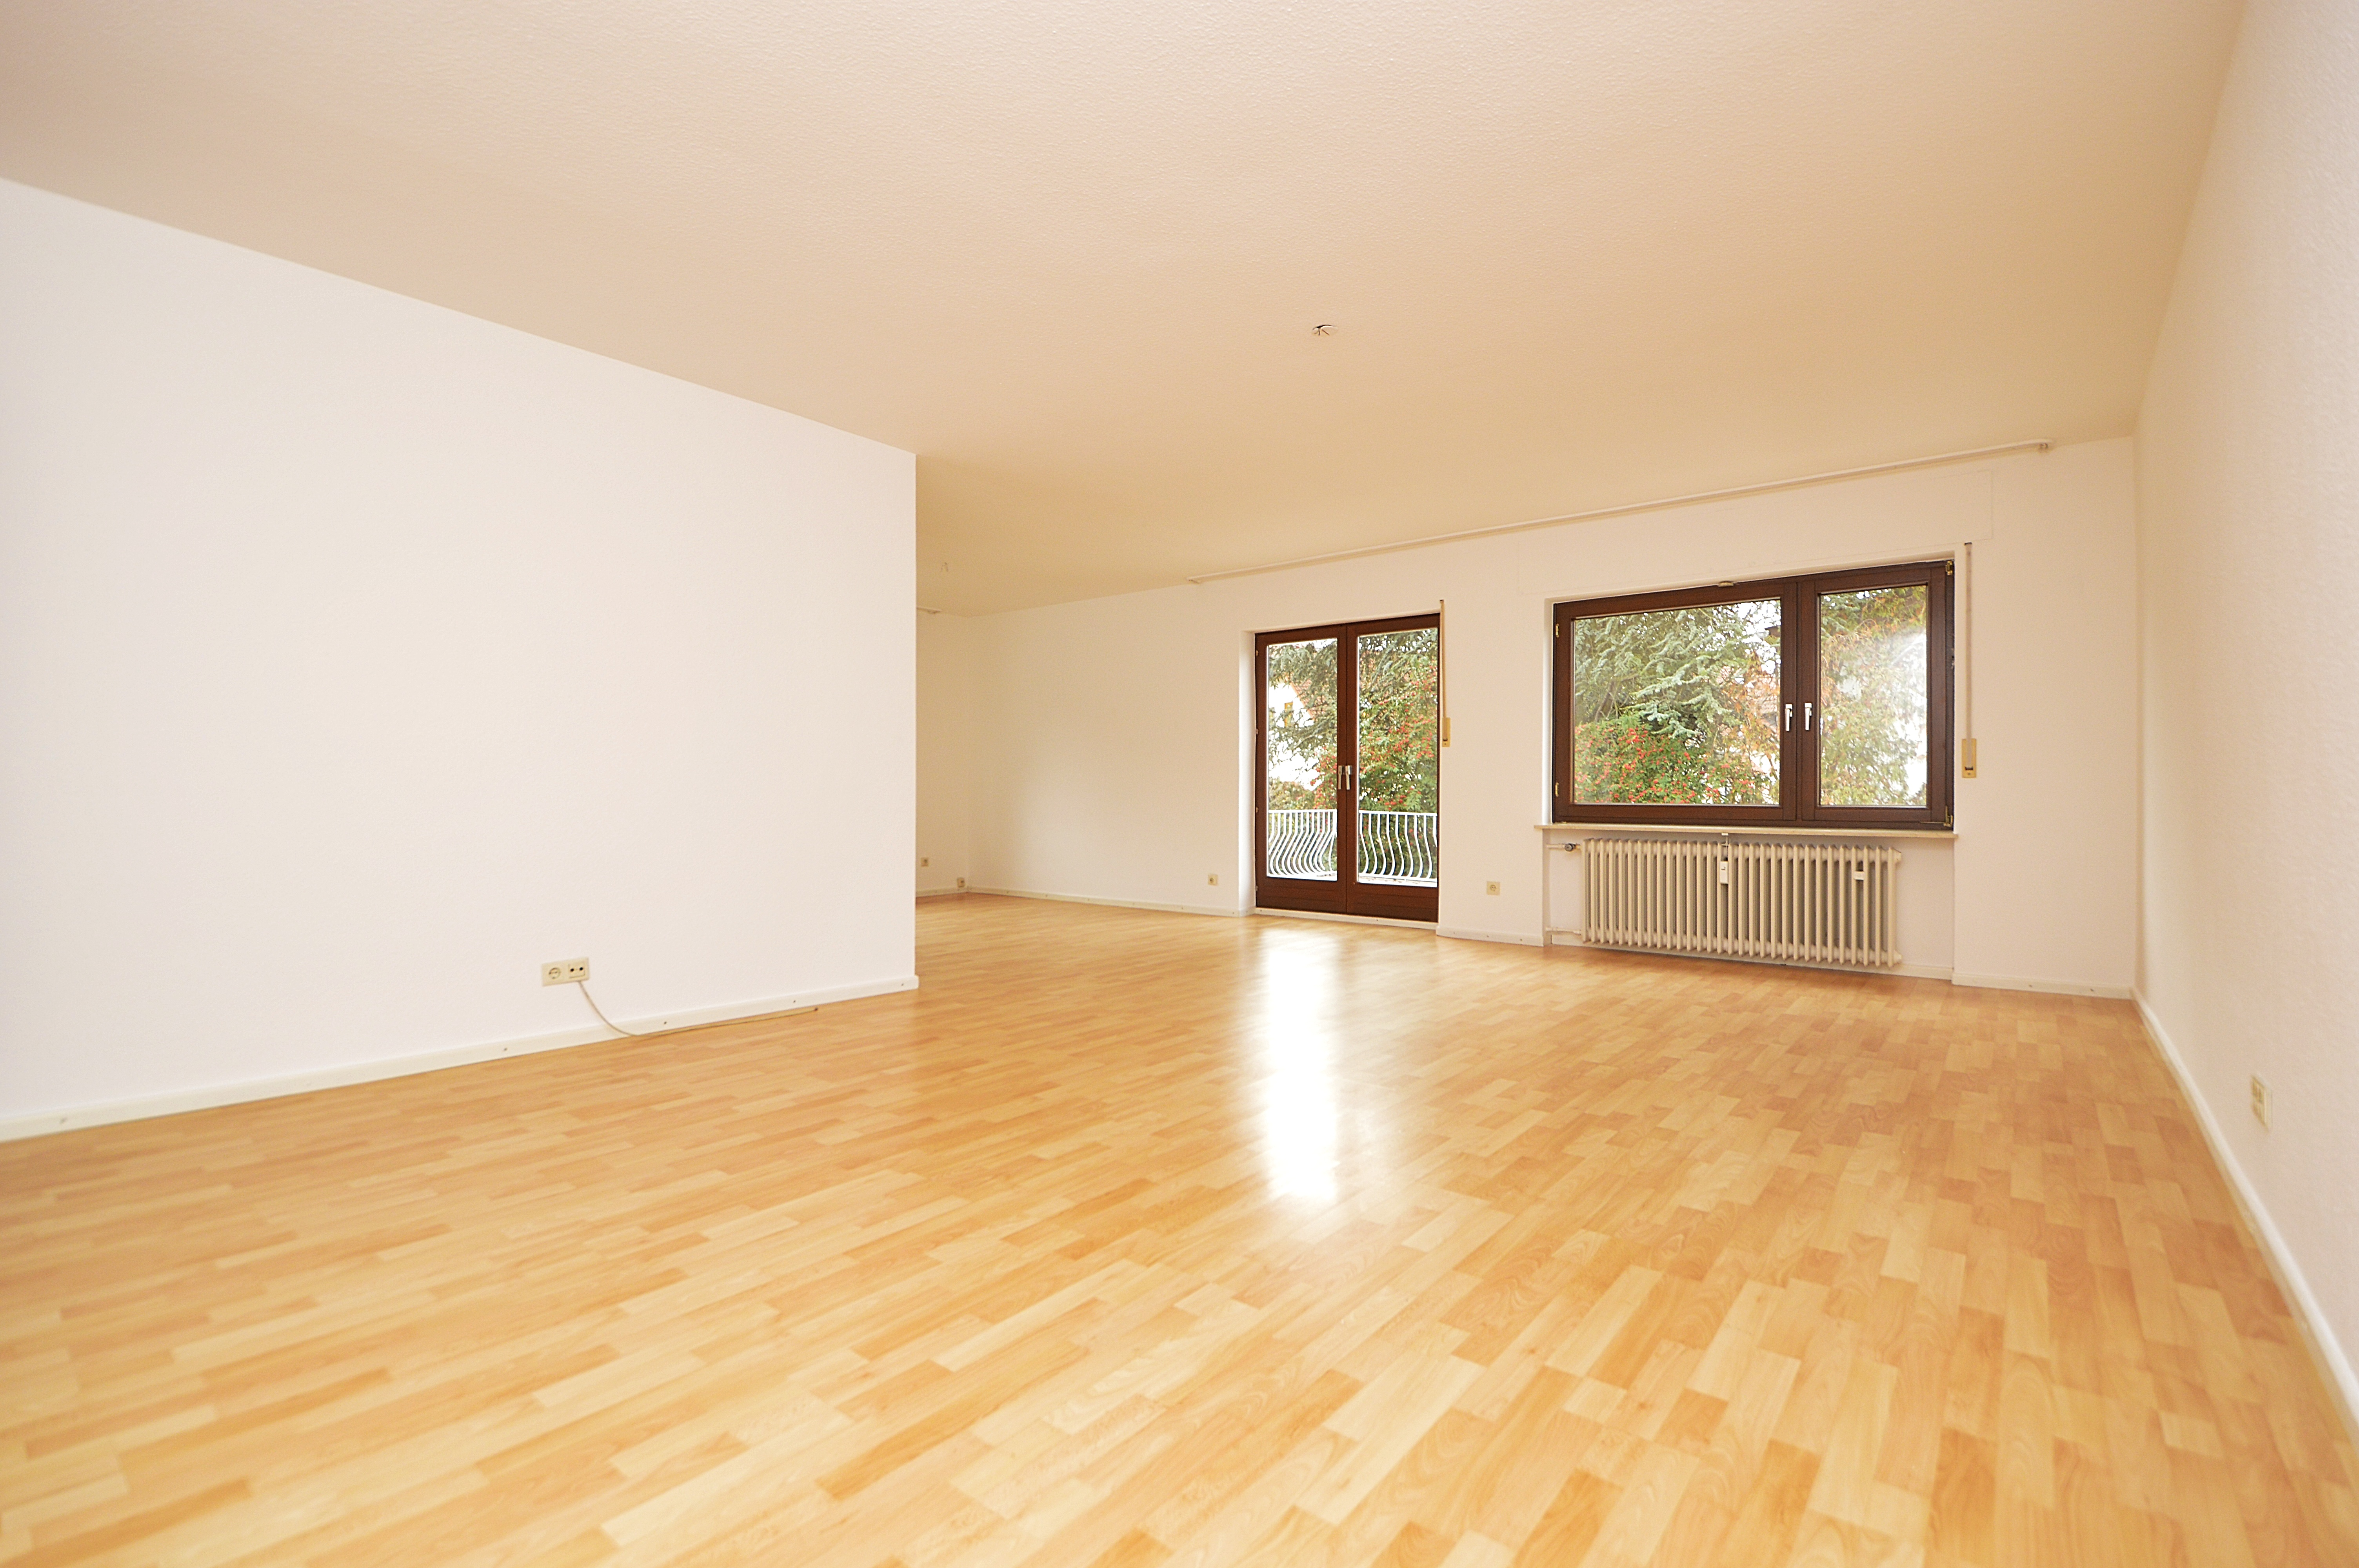 AP Immobilien GmbH - Ihr IVD Immobilienmakler aus Mainz - 55263 Wackernheim